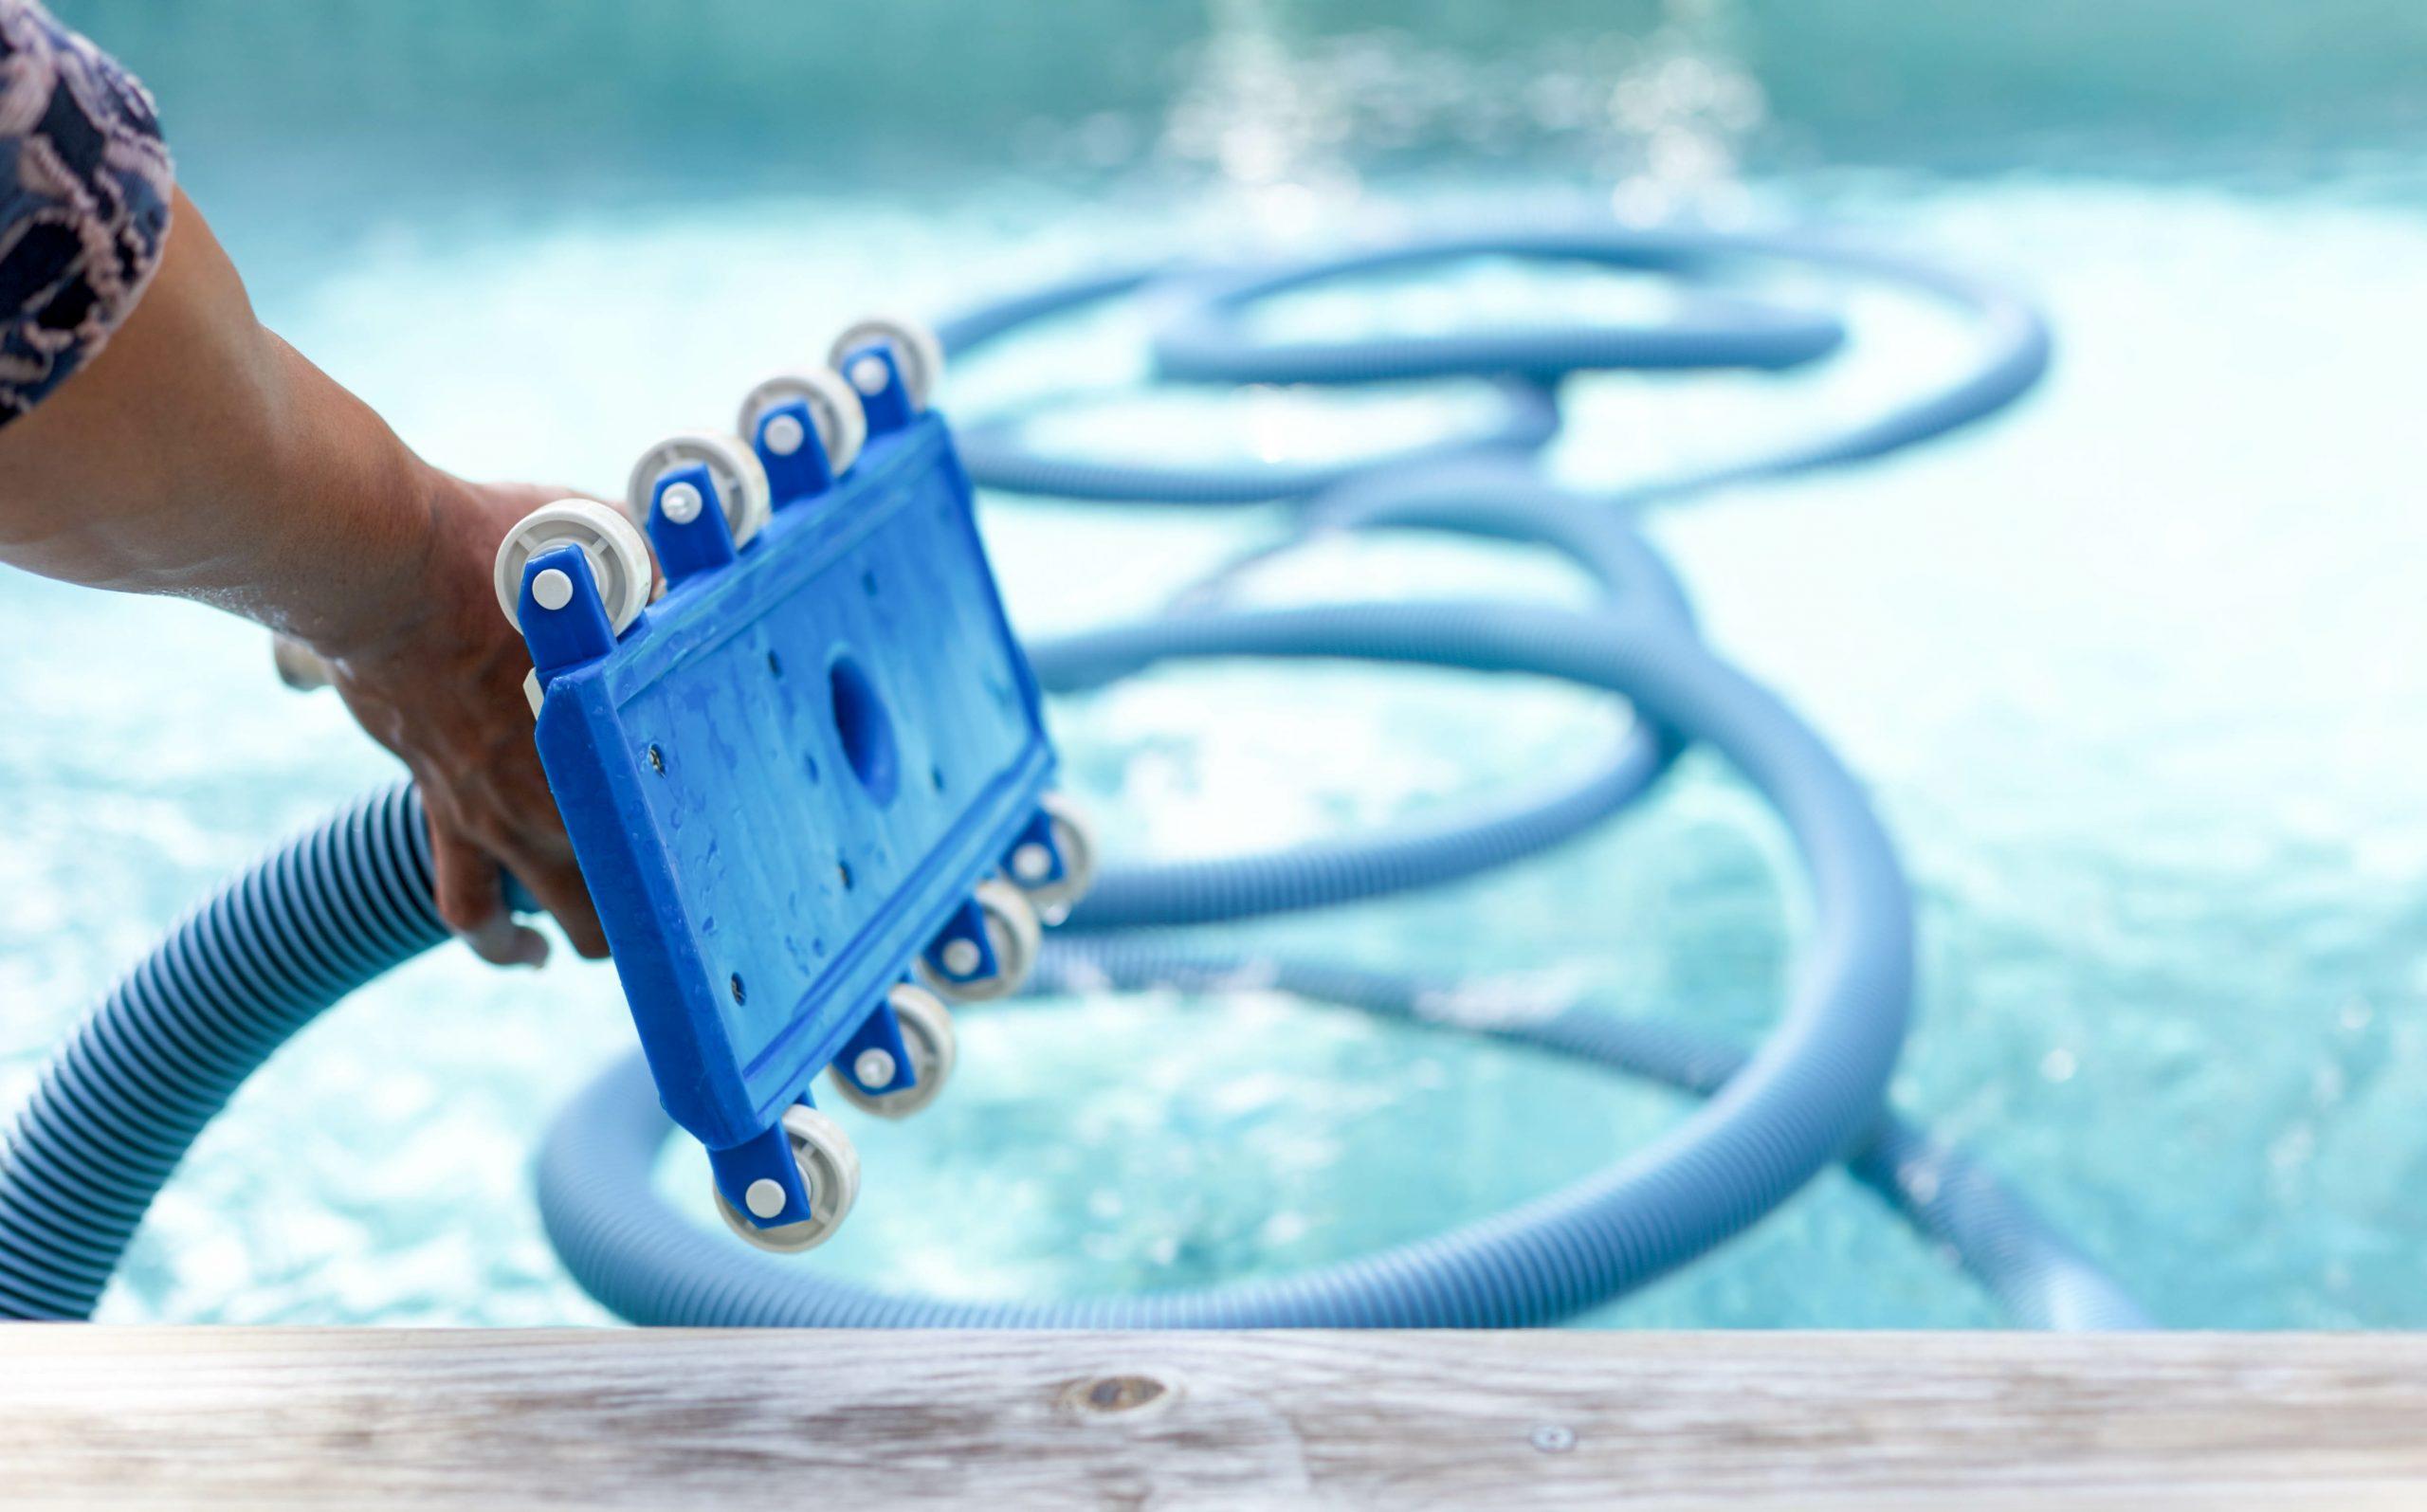 Pool cleaner being held above pool